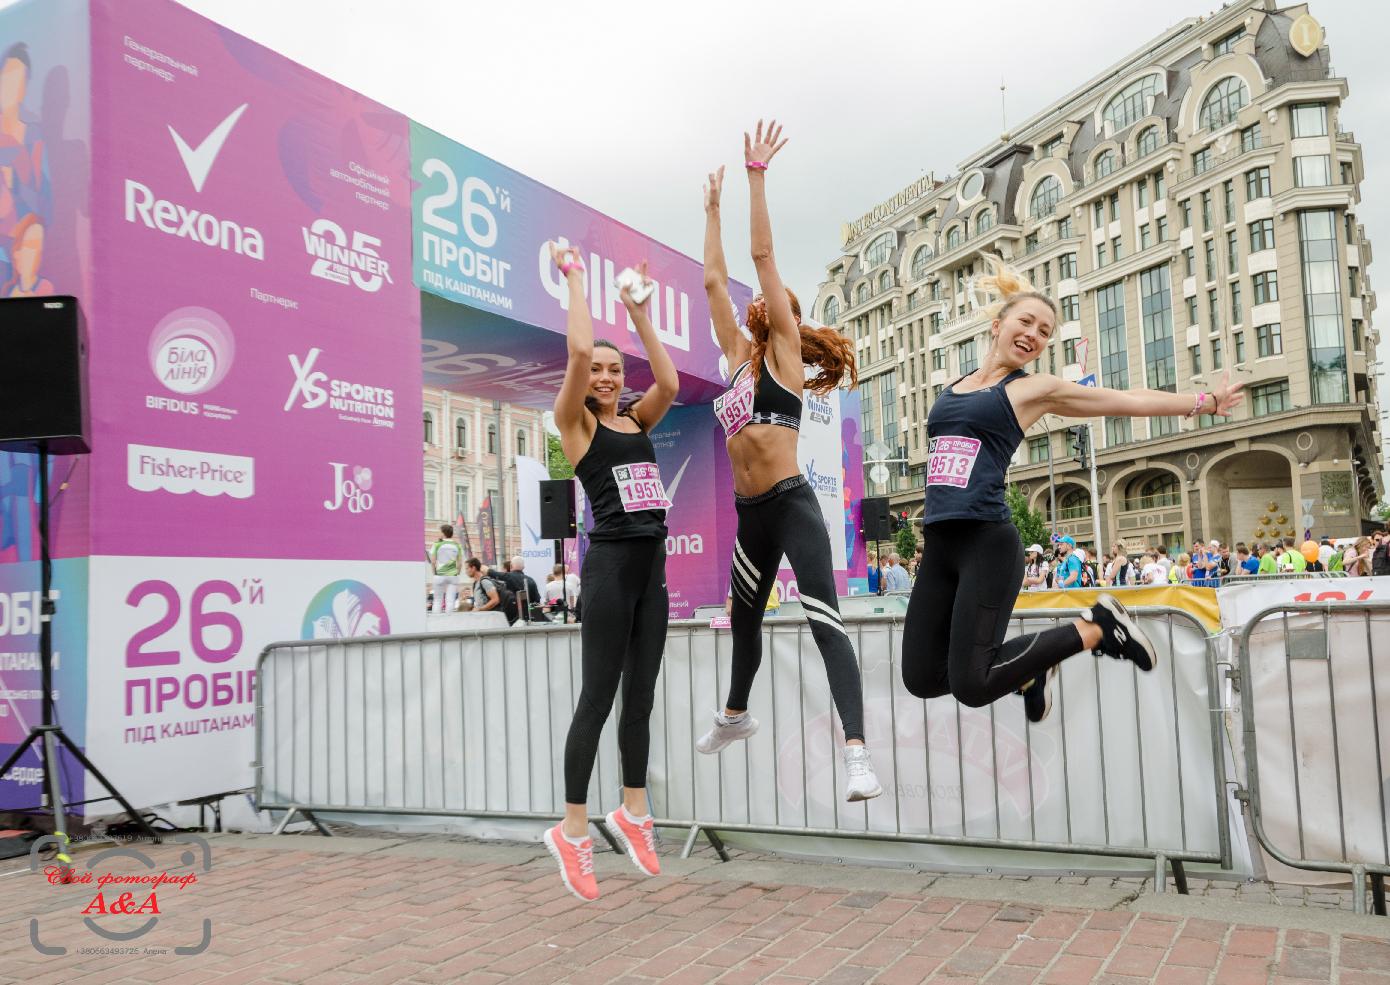 Репортажная съемка спортивных состязаний Киев